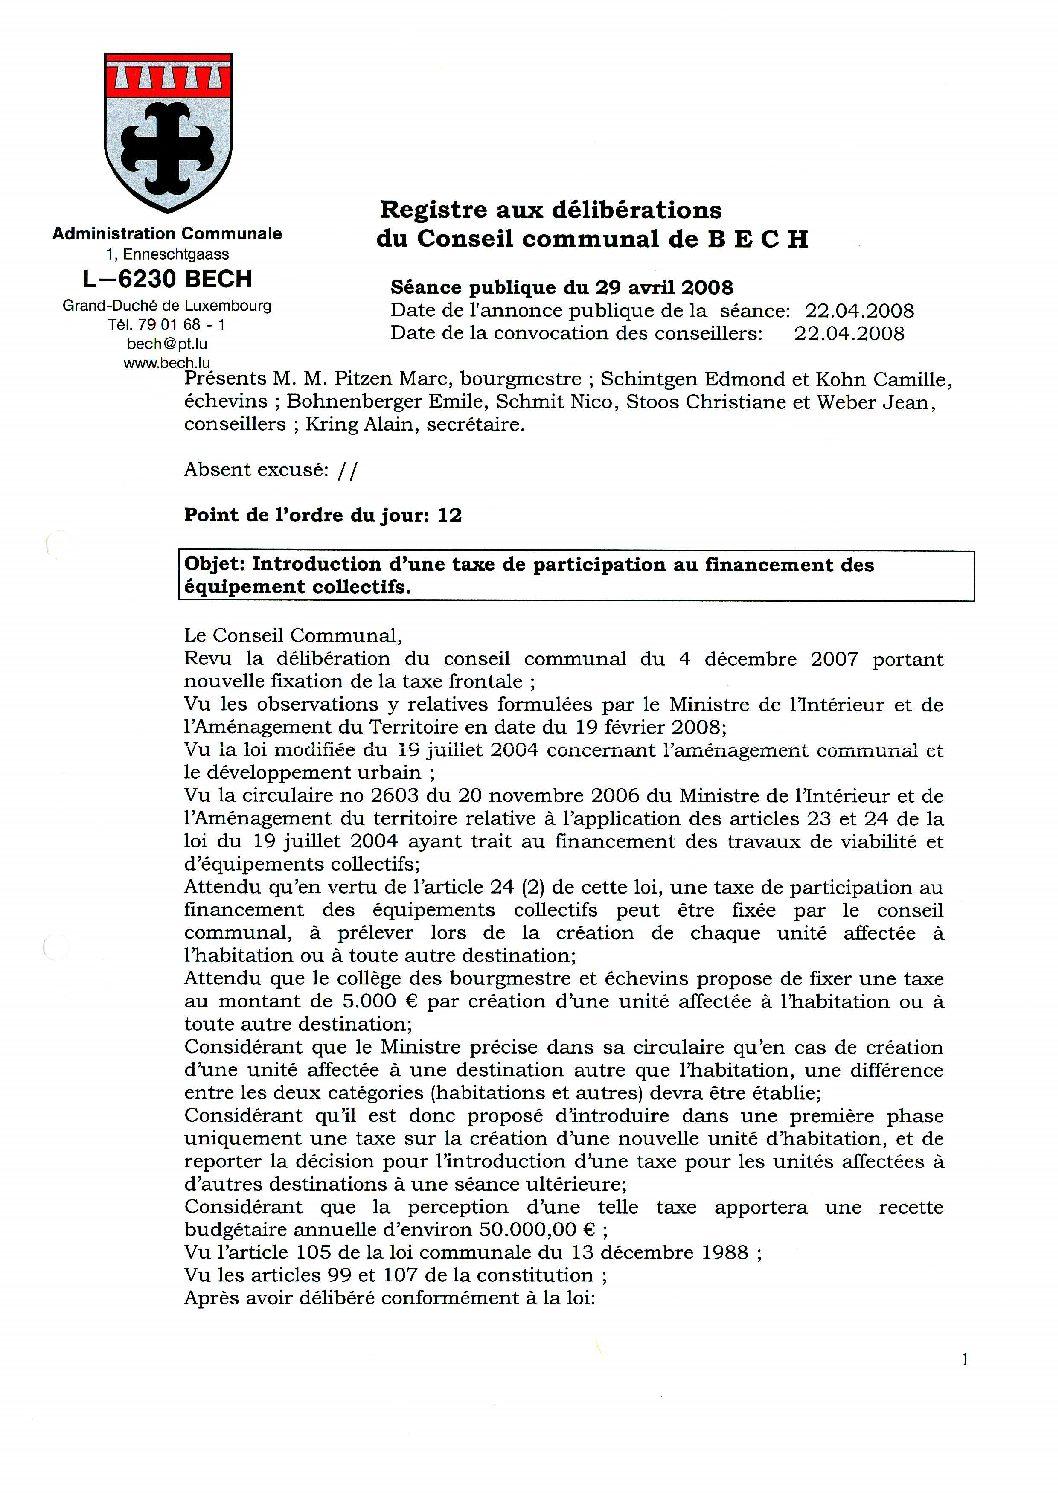 Taxe de participation au financement des équipements collectifs (règlement)